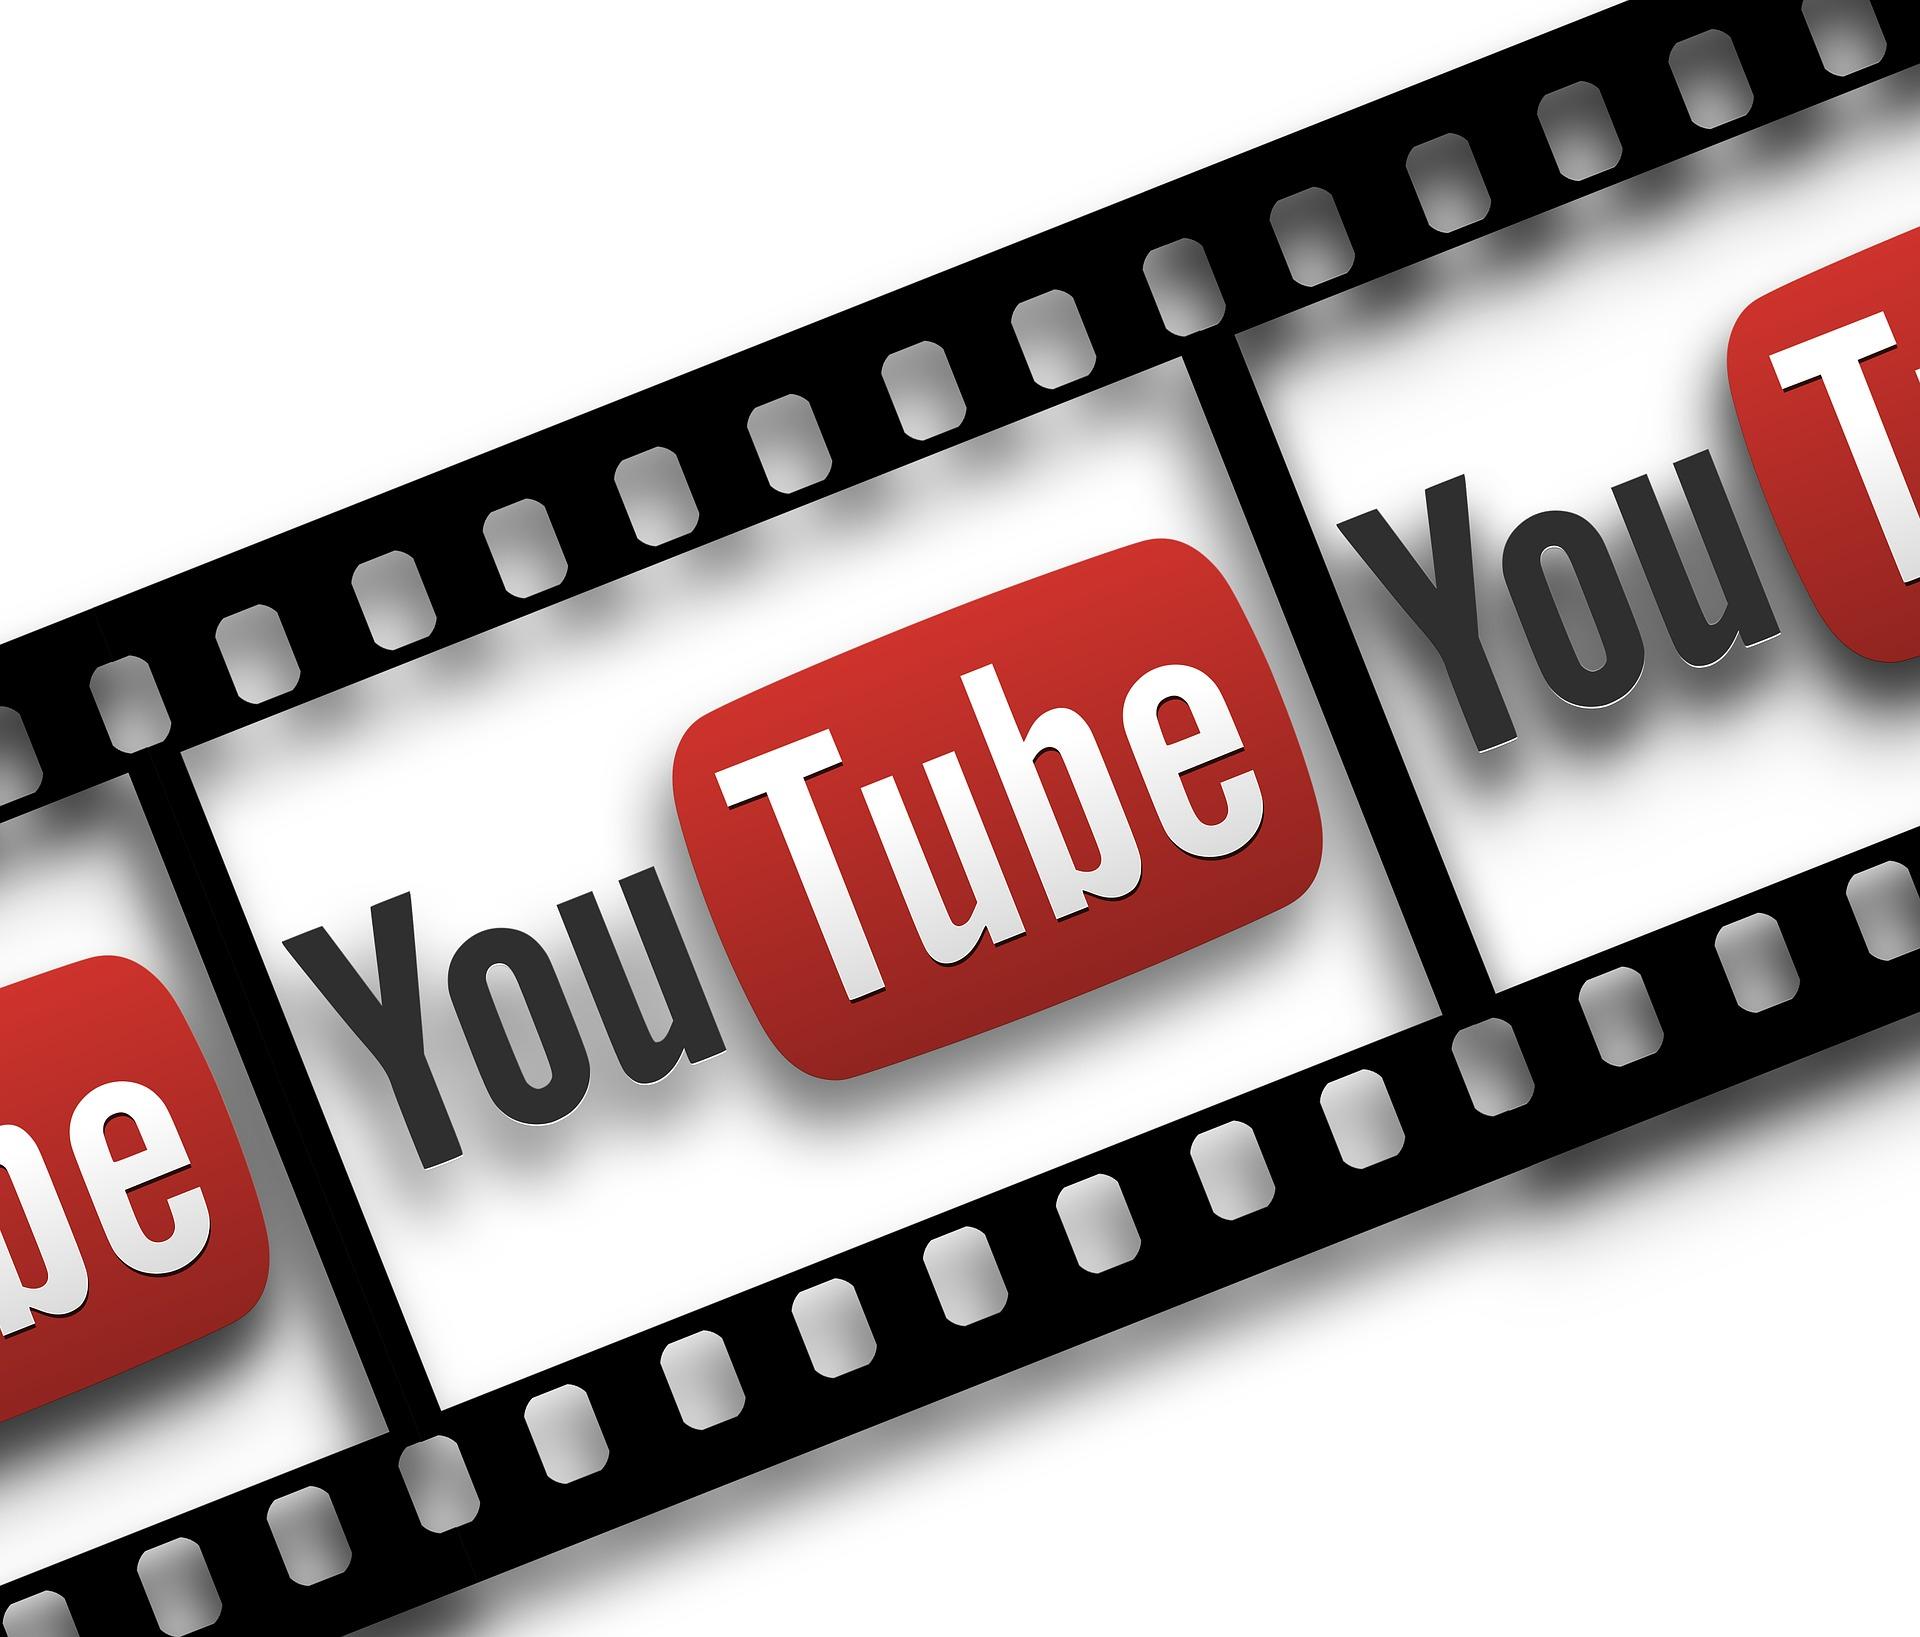 В США появилась фабрика видеоблогеров